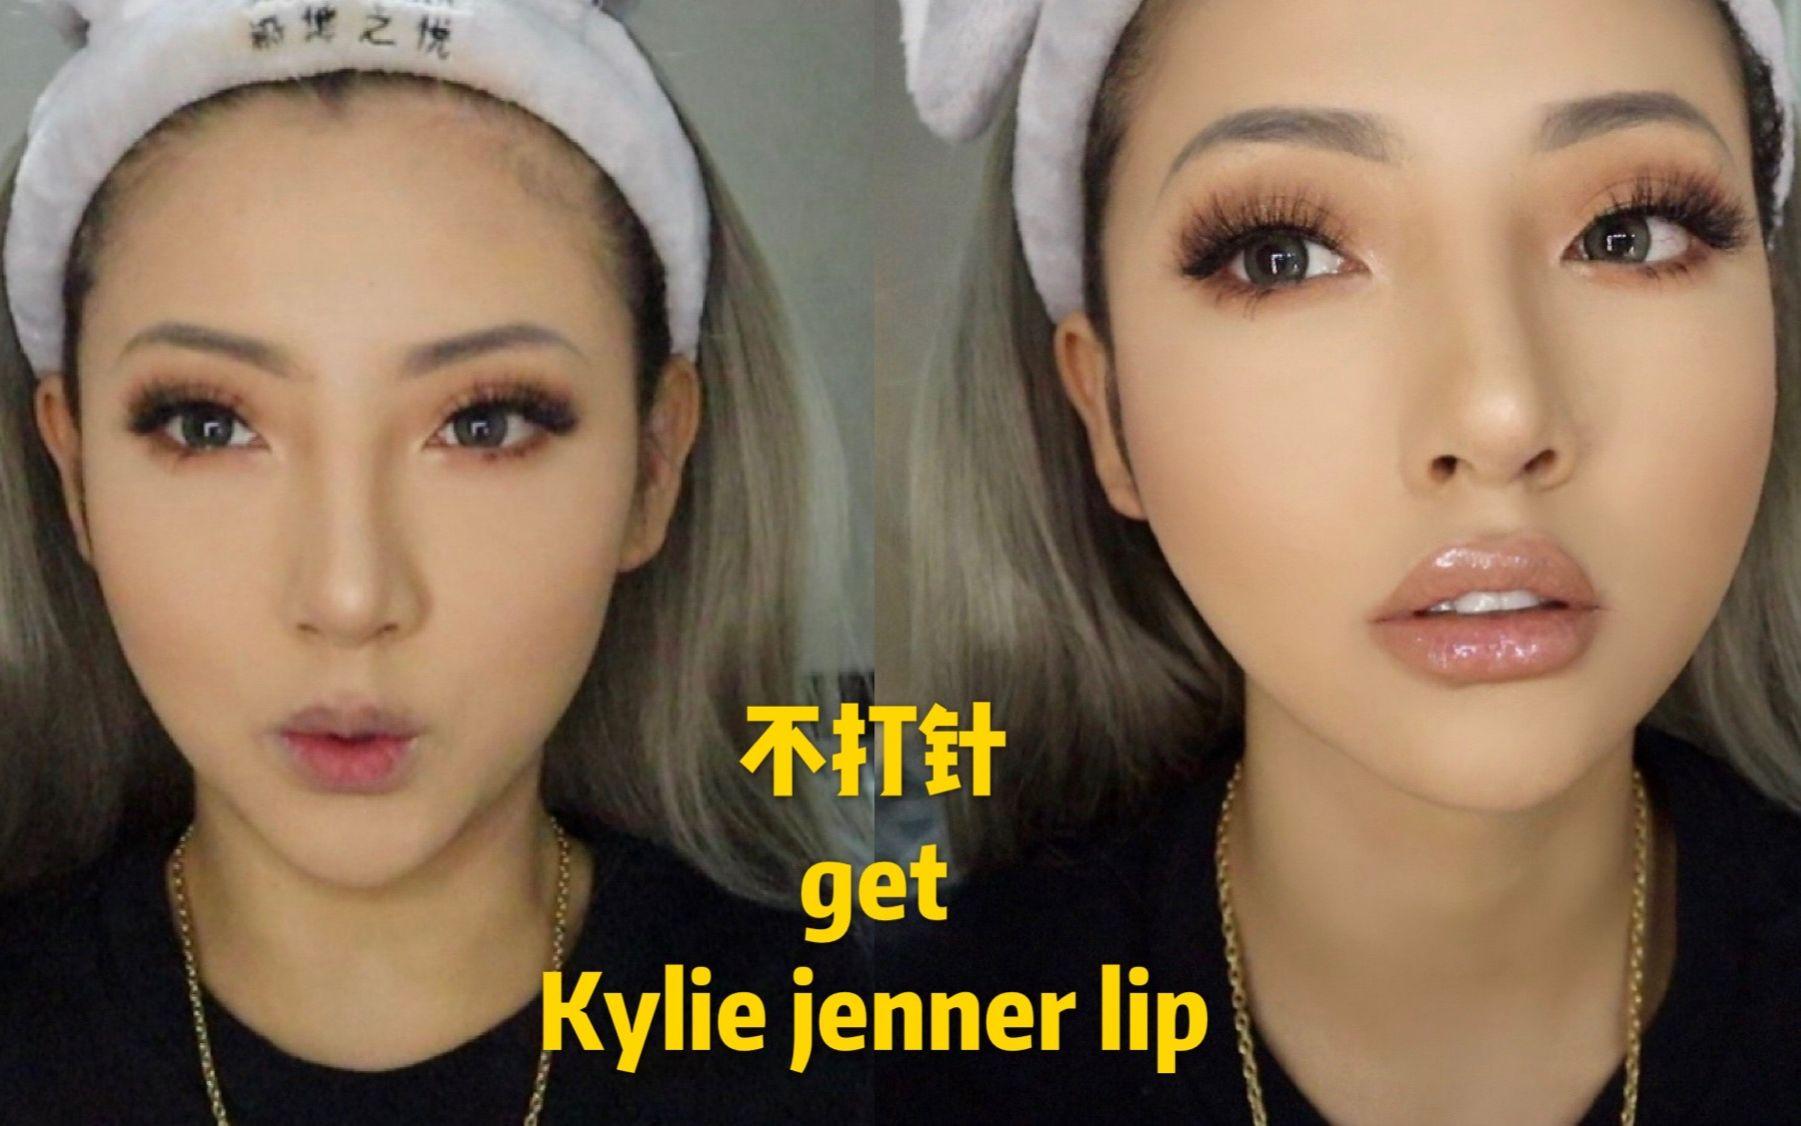 【小丽】化妆丰唇大法 不打玻尿酸 也可以get金小妹饱满性感水润嘟嘟唇~